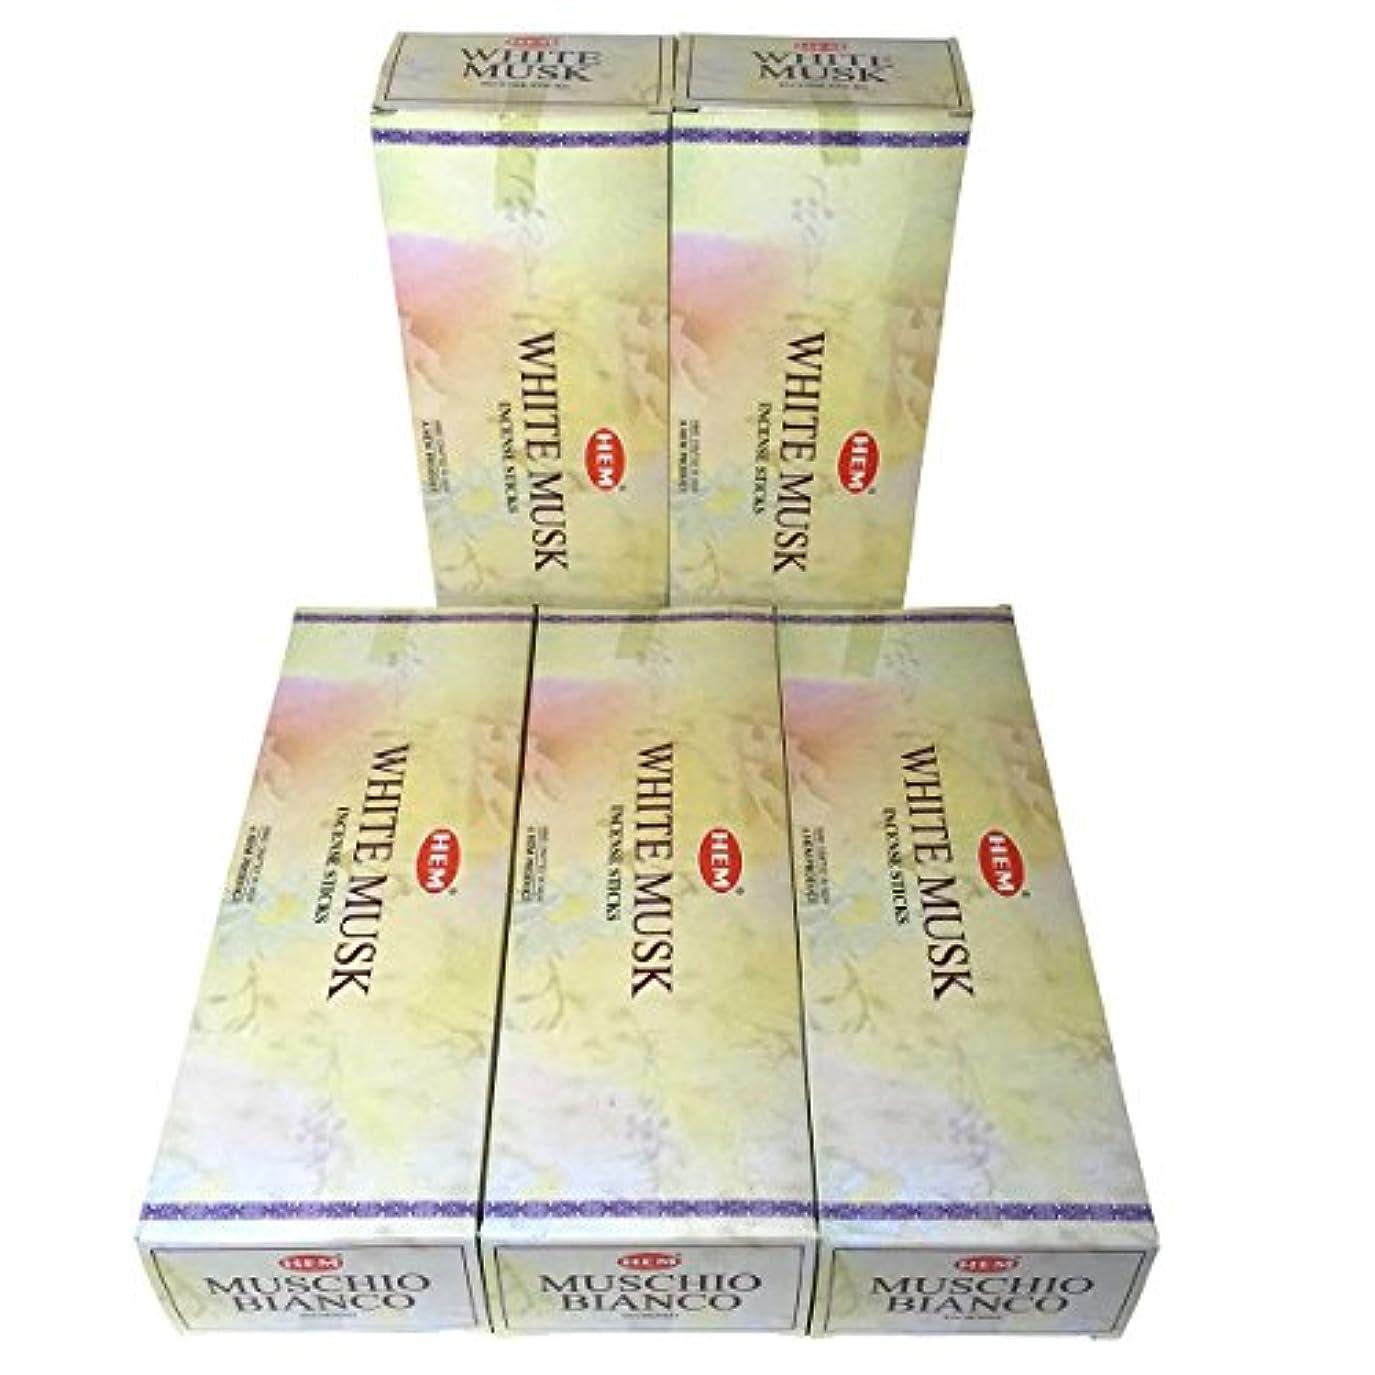 神経障害子犬メールHEM ホワイトムスク香 スティック 5BOX(30箱)/HEM WHITE MUSK/ インド香 / 送料無料 [並行輸入品]